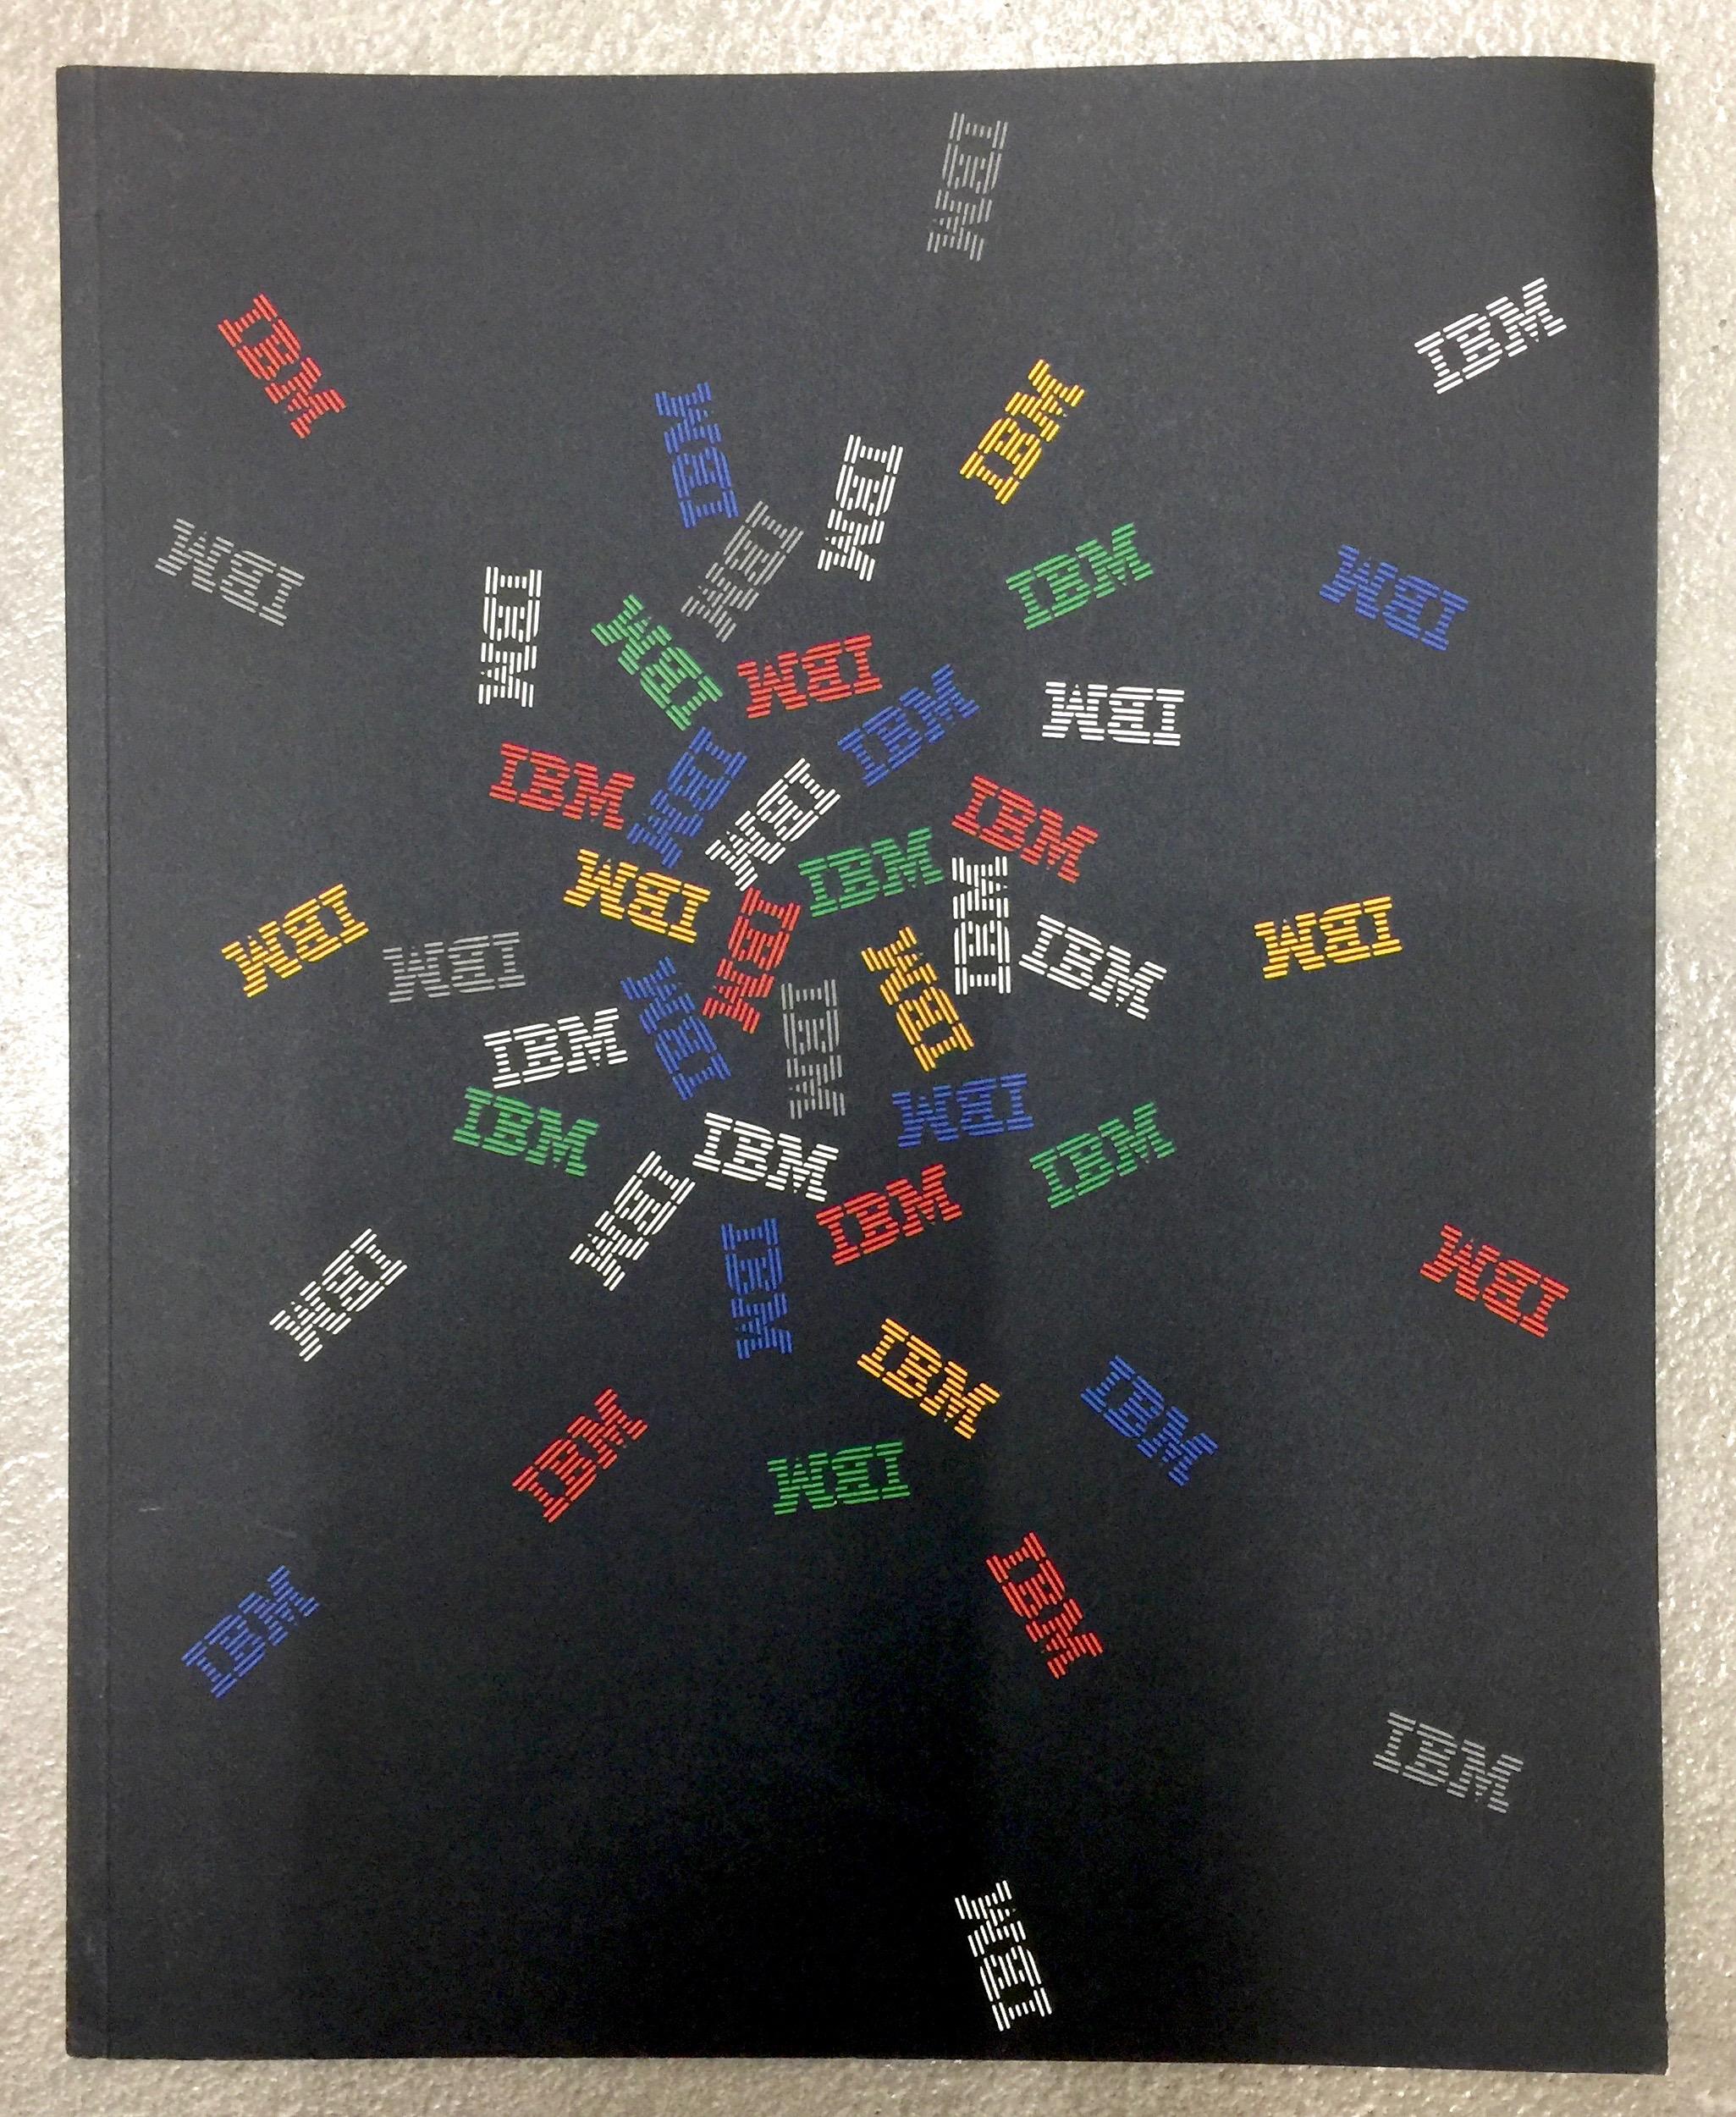 letterformArchive_brandguide_1841.jpg